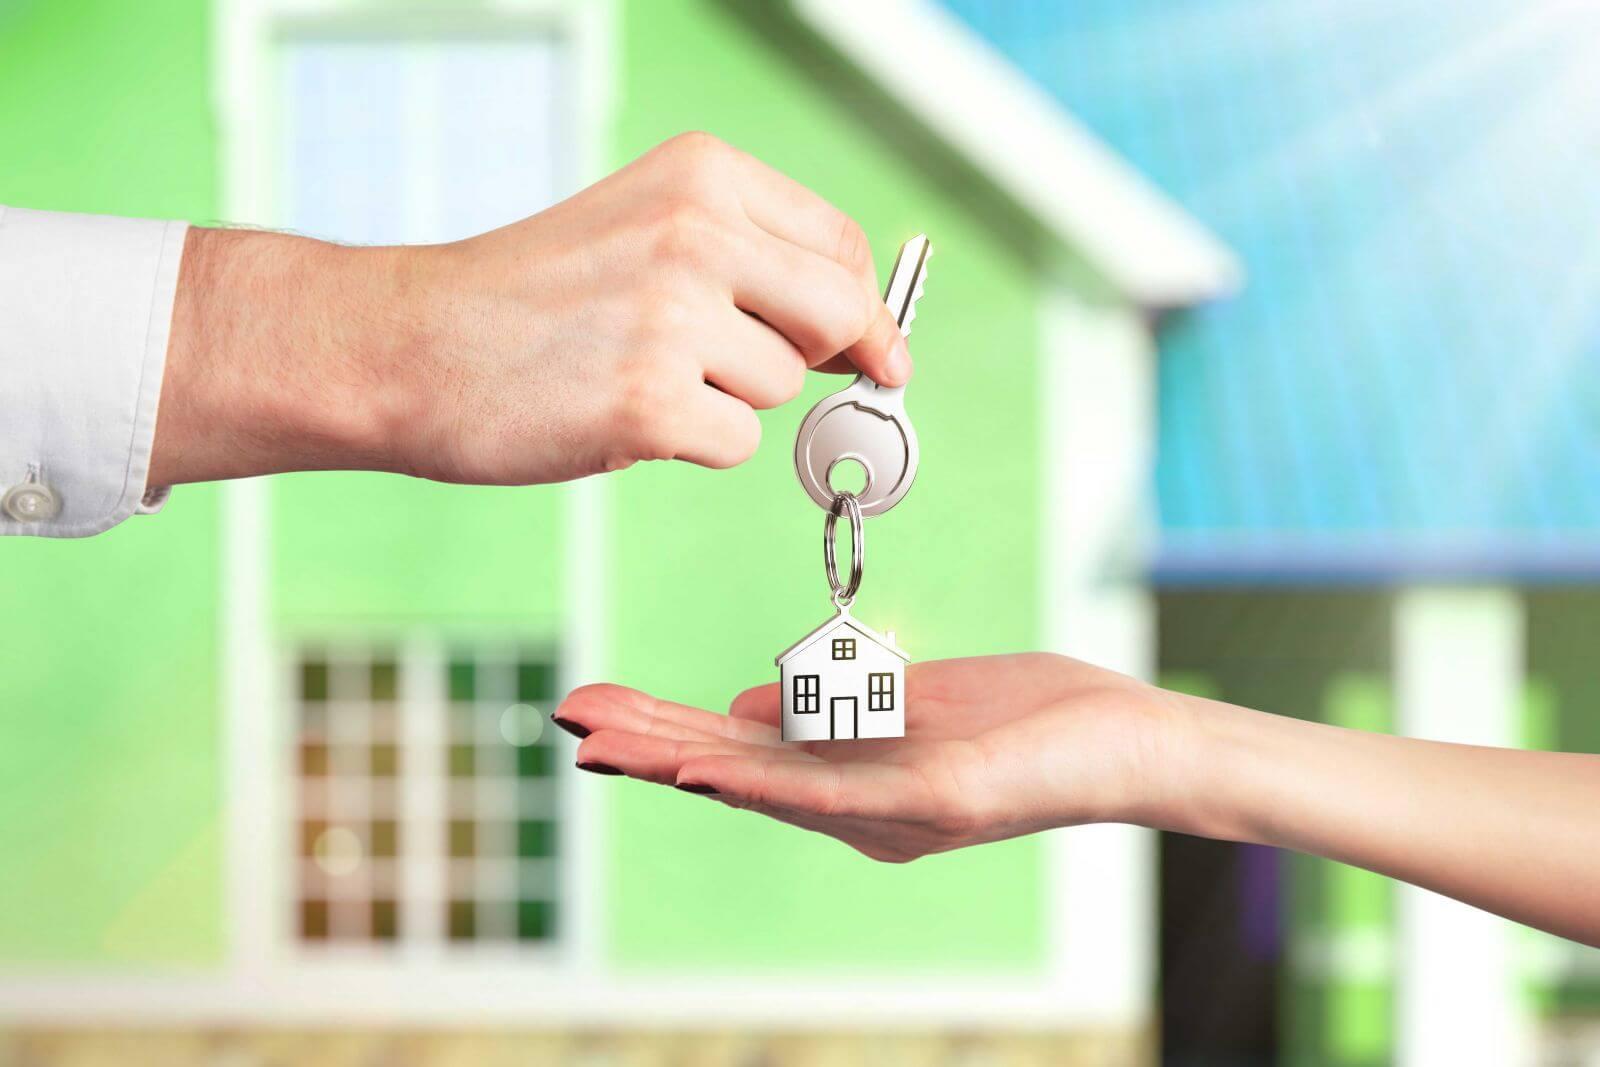 Как получить ипотечный кредит под материнский капитал в сбербанке правильно